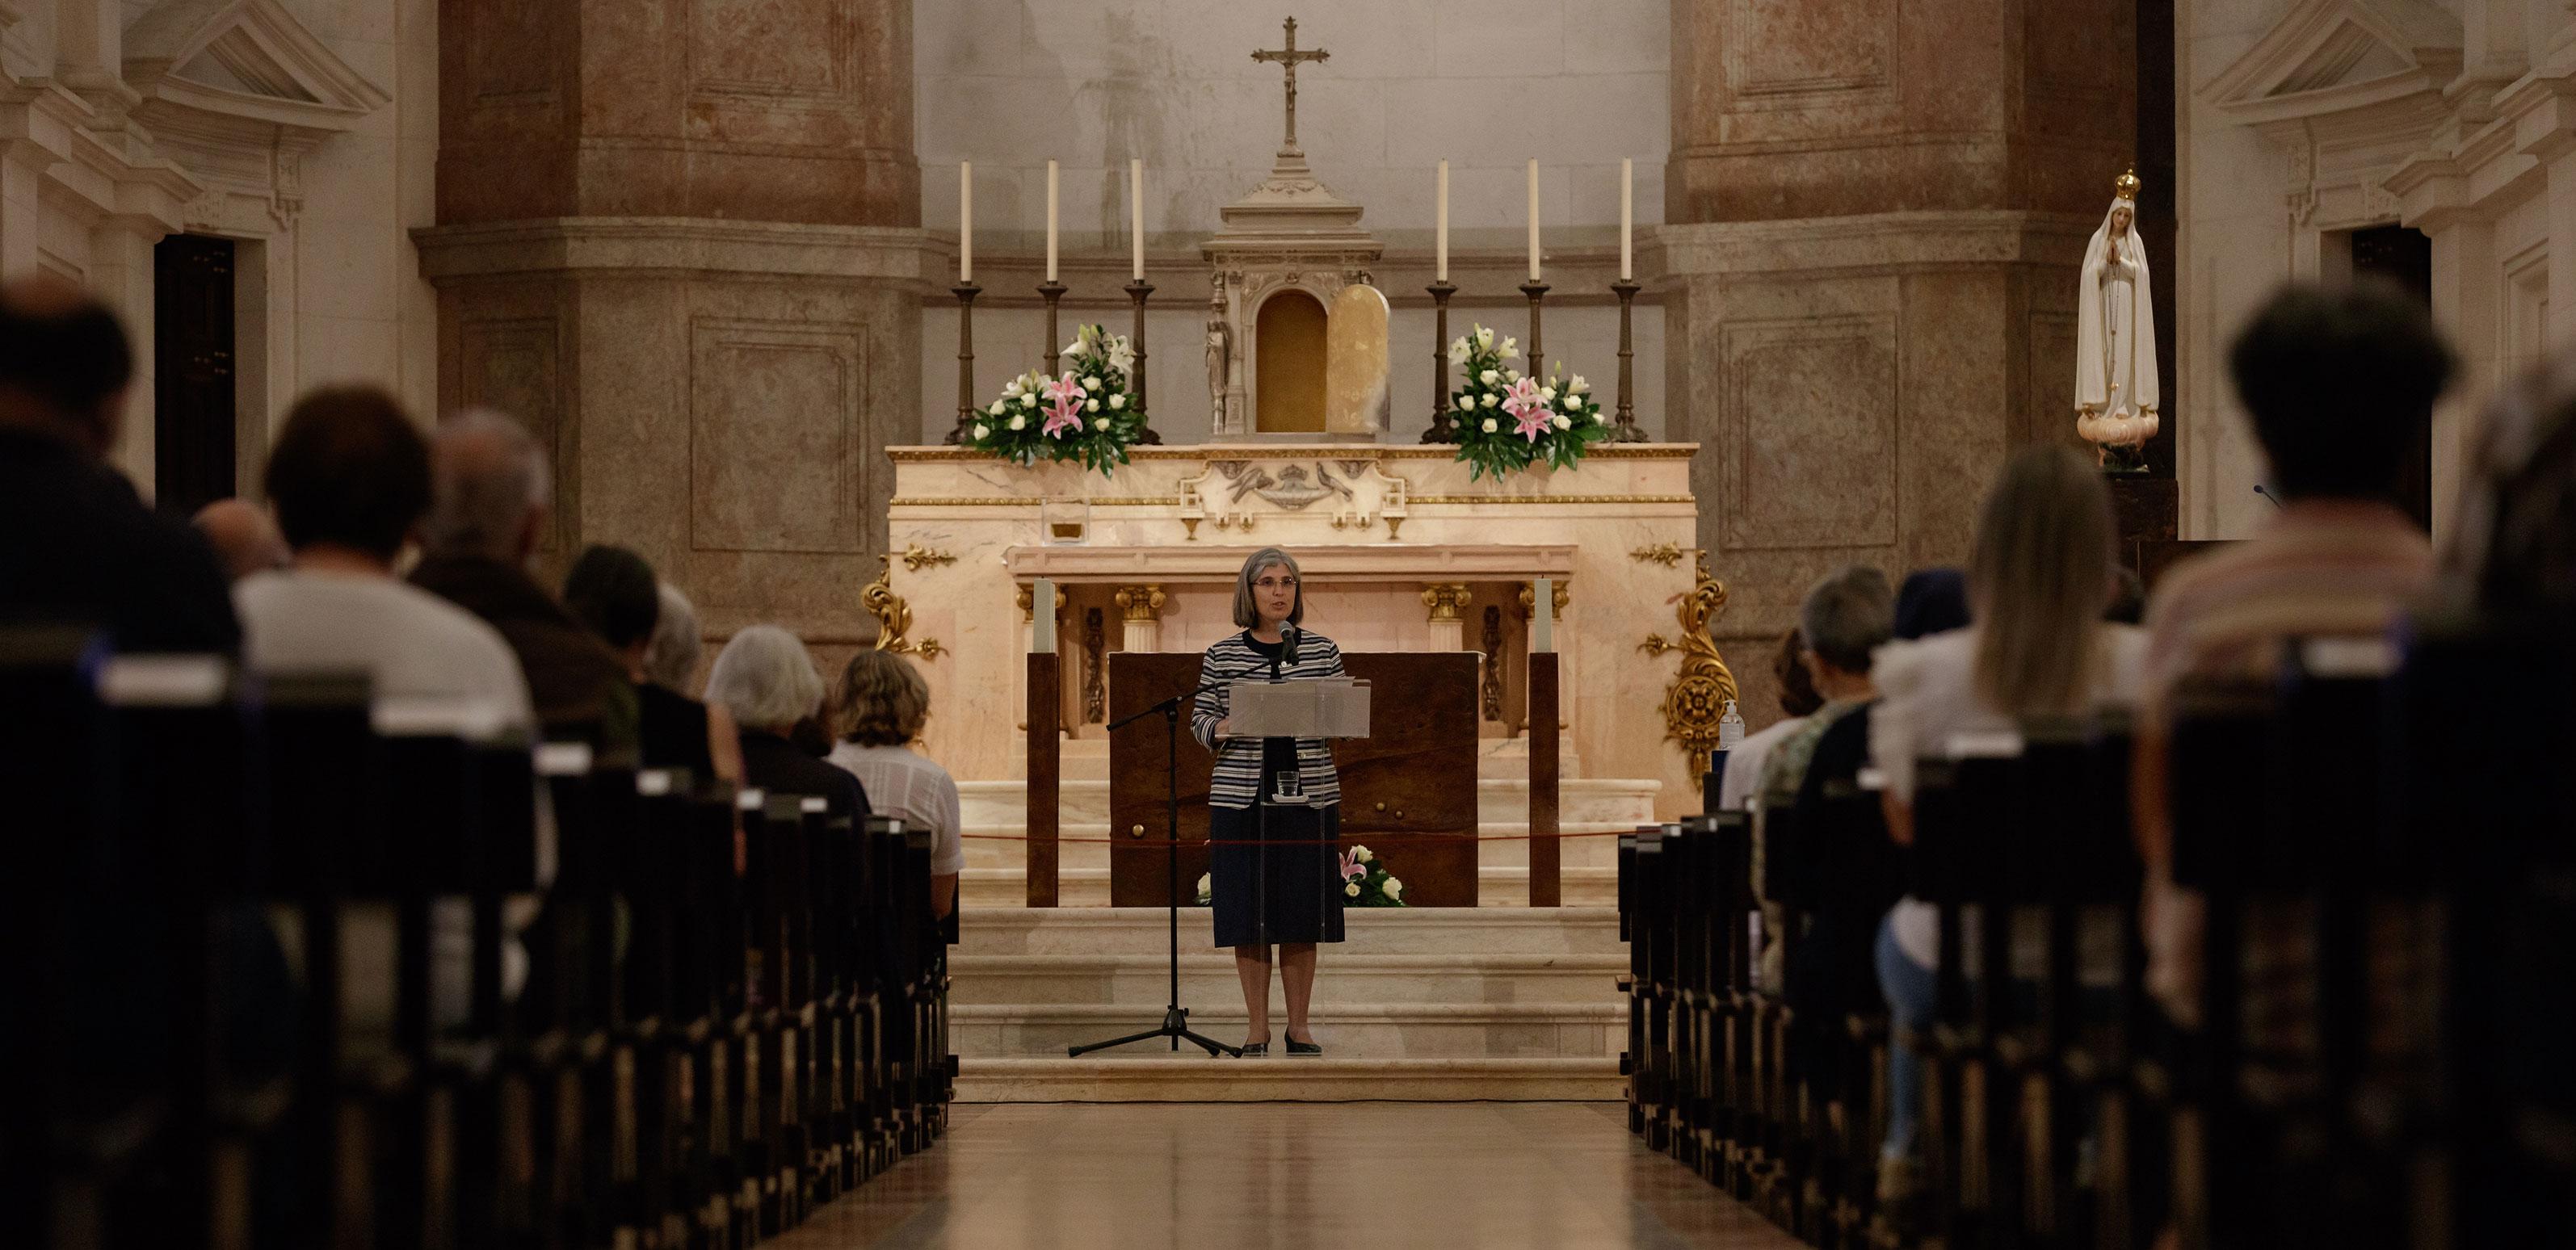 2021-07-11_Encontro_Basilica_2.jpg